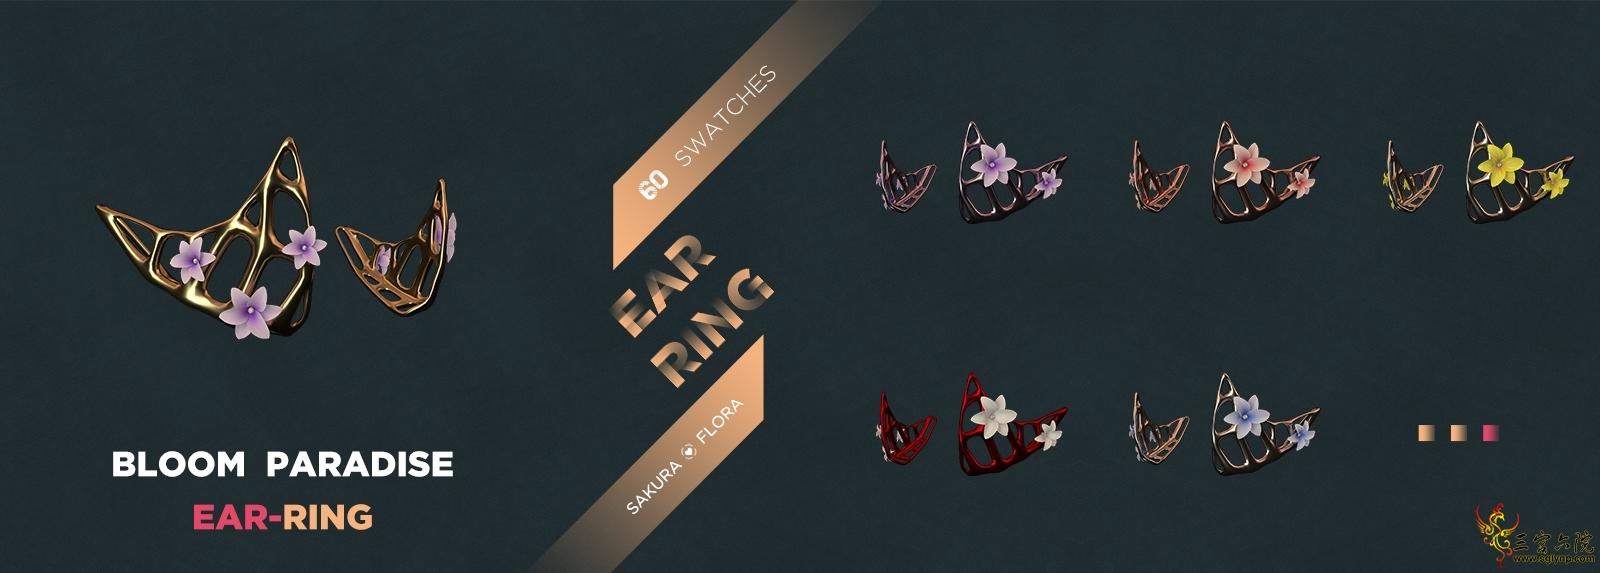 耳环排列图.jpg